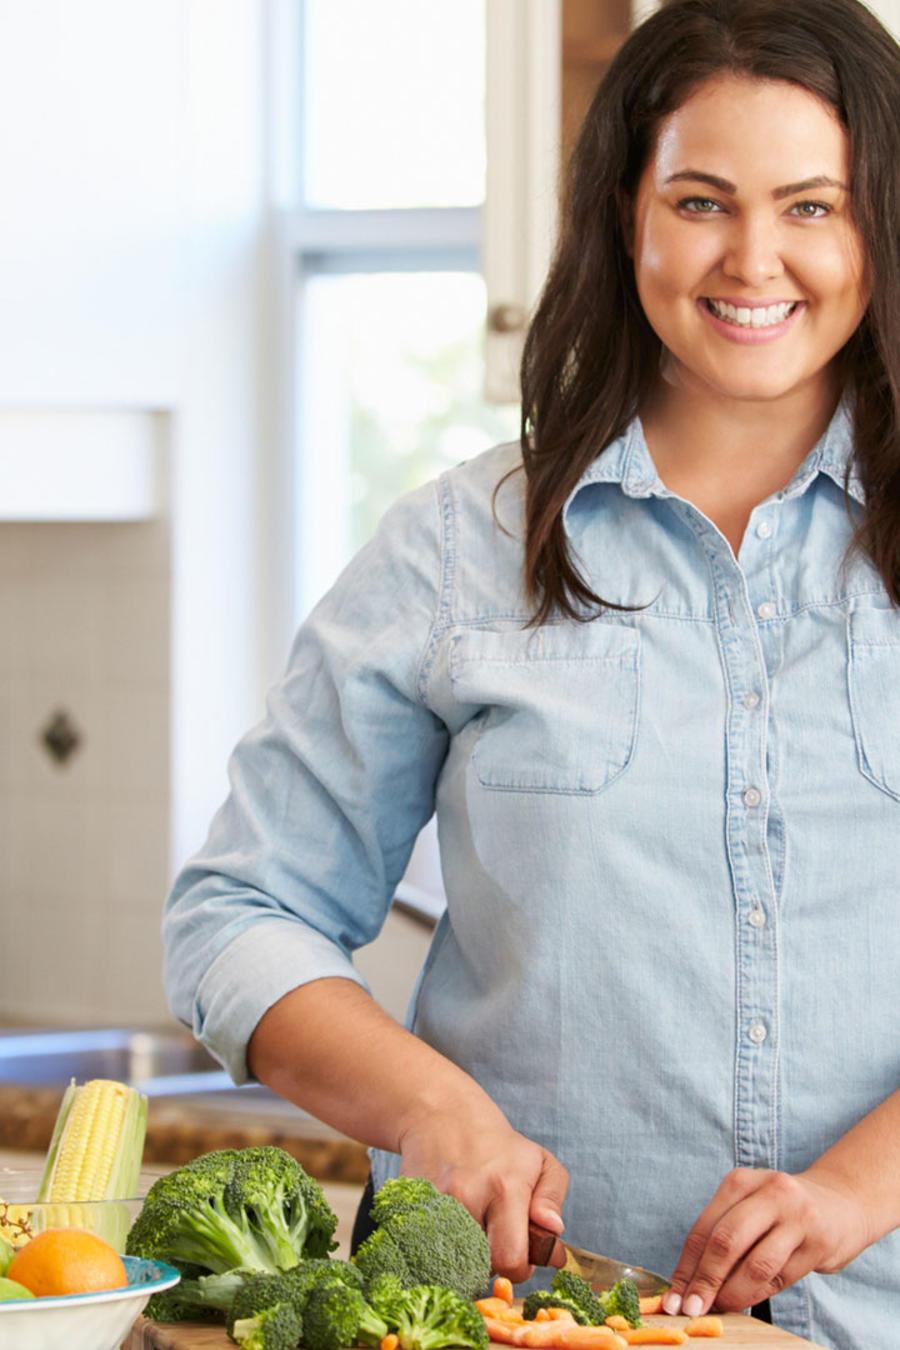 Mujer con sobrepeso cocinando